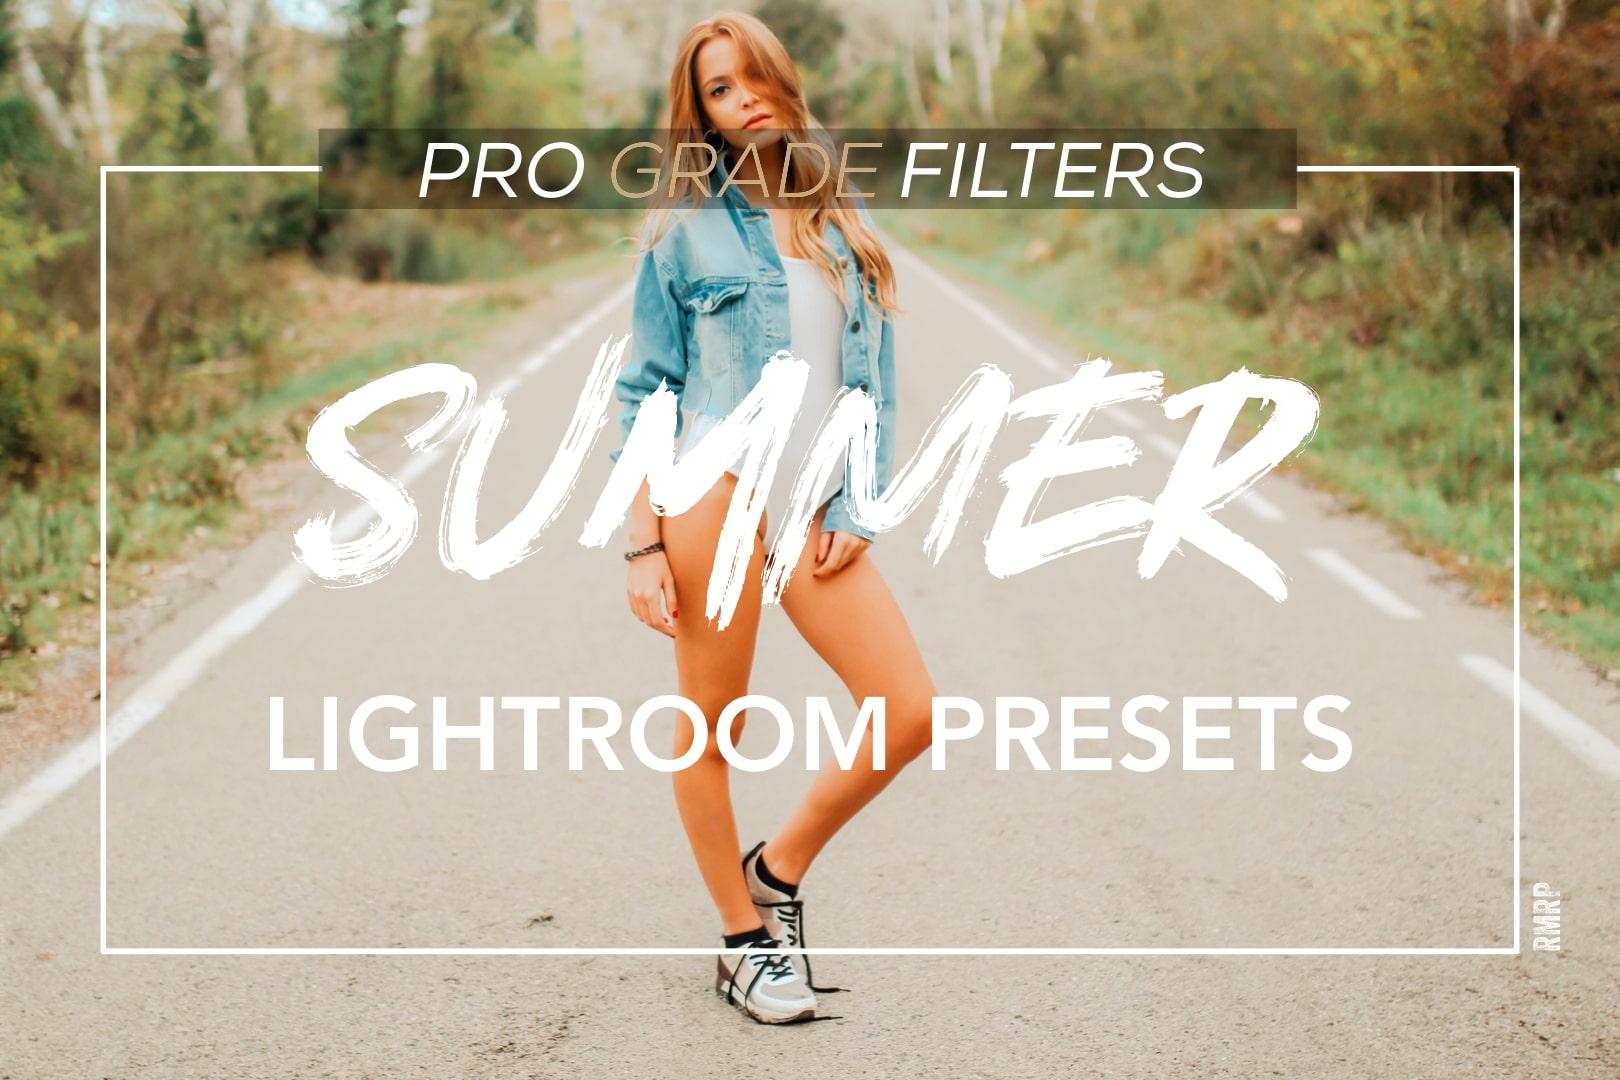 ProGradeFilters Summer Lightroom Presets and Mobile